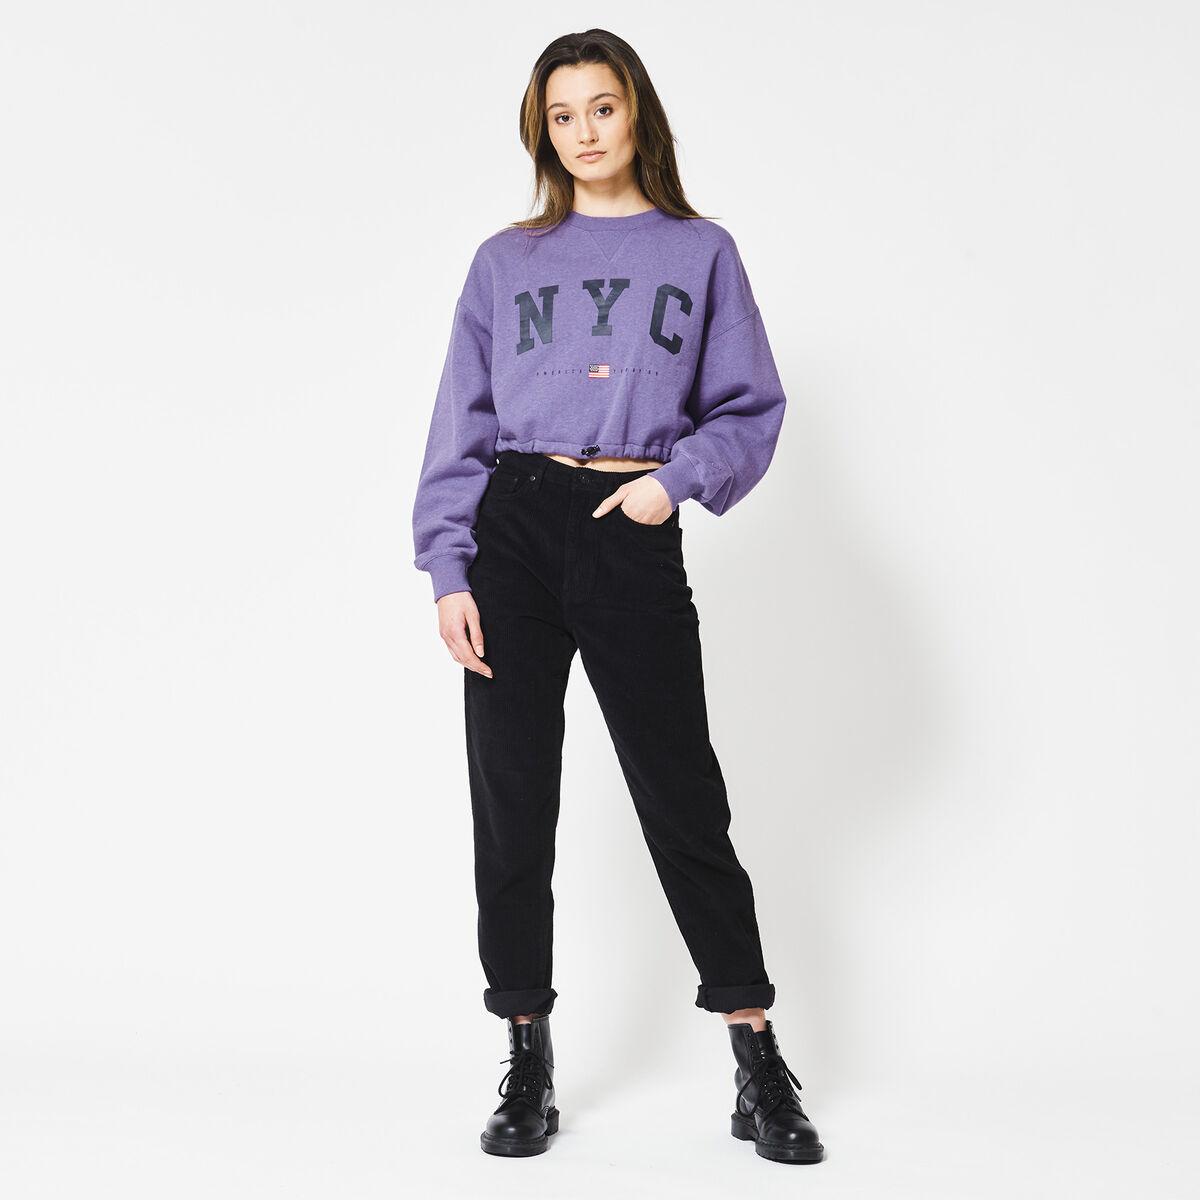 Sweater Sarah